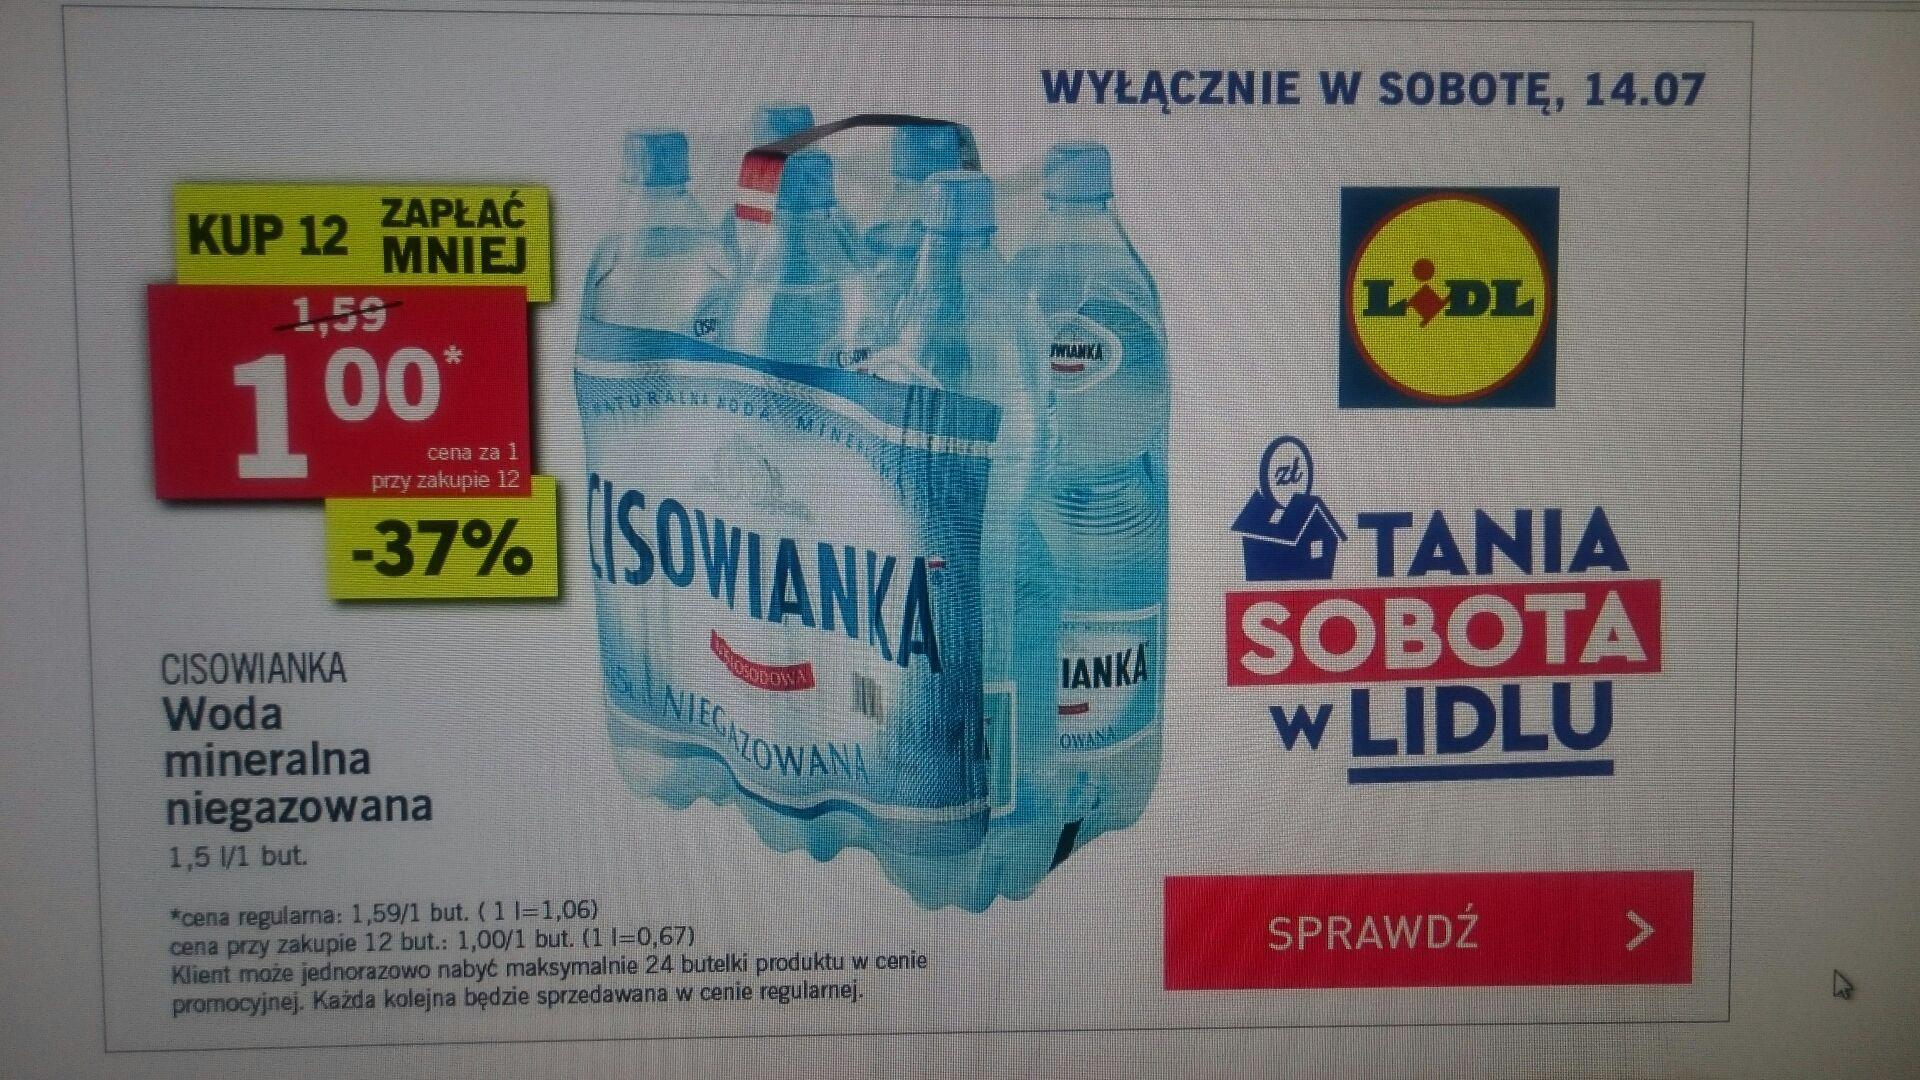 Cisowianka niegazowana za 1 zł w Lidlu